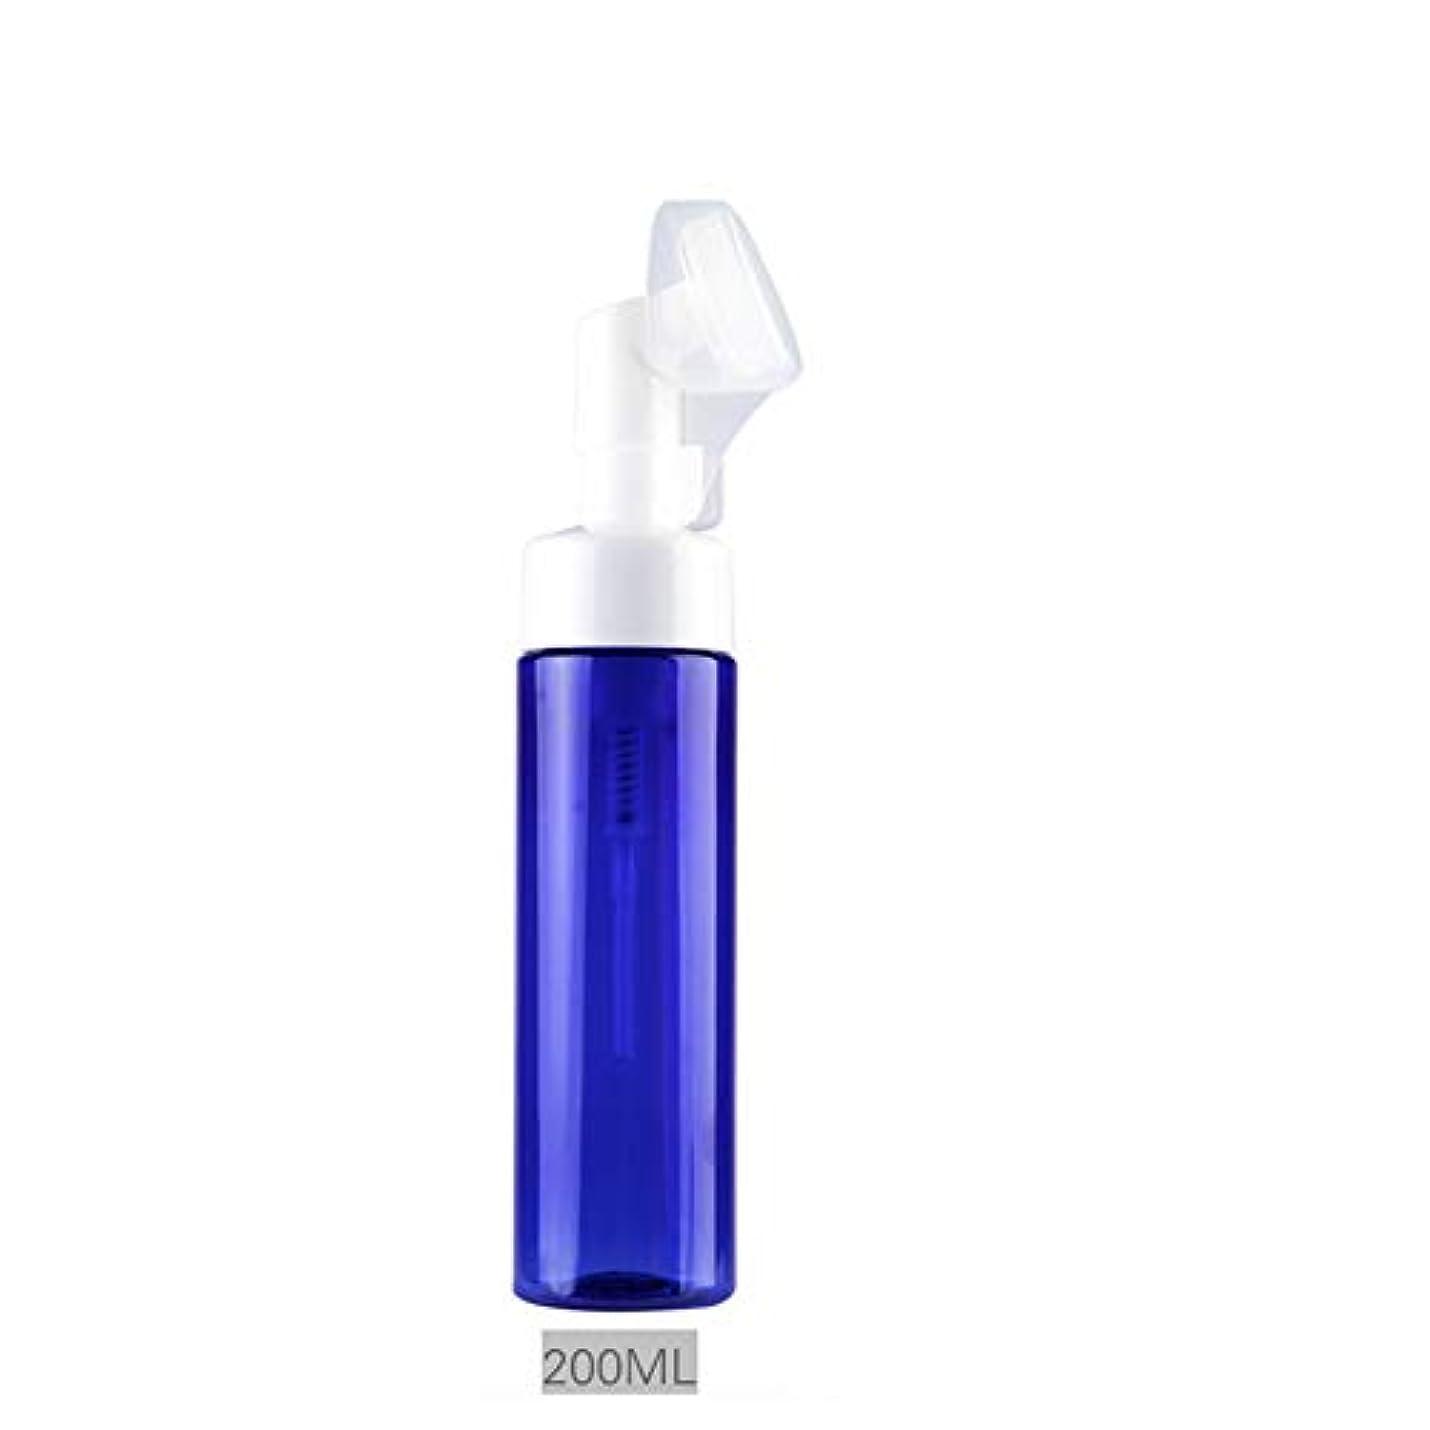 キウイ圧倒的血色の良いXiton 泡ボトル 泡ポンプボトル 押すだけで泡が出る 安定感のある 詰め替え 詰替 泡ハンドソープ 全身石鹸 ボディソープ 洗顔フォーム ブラシ付き 200ML (ブルー)